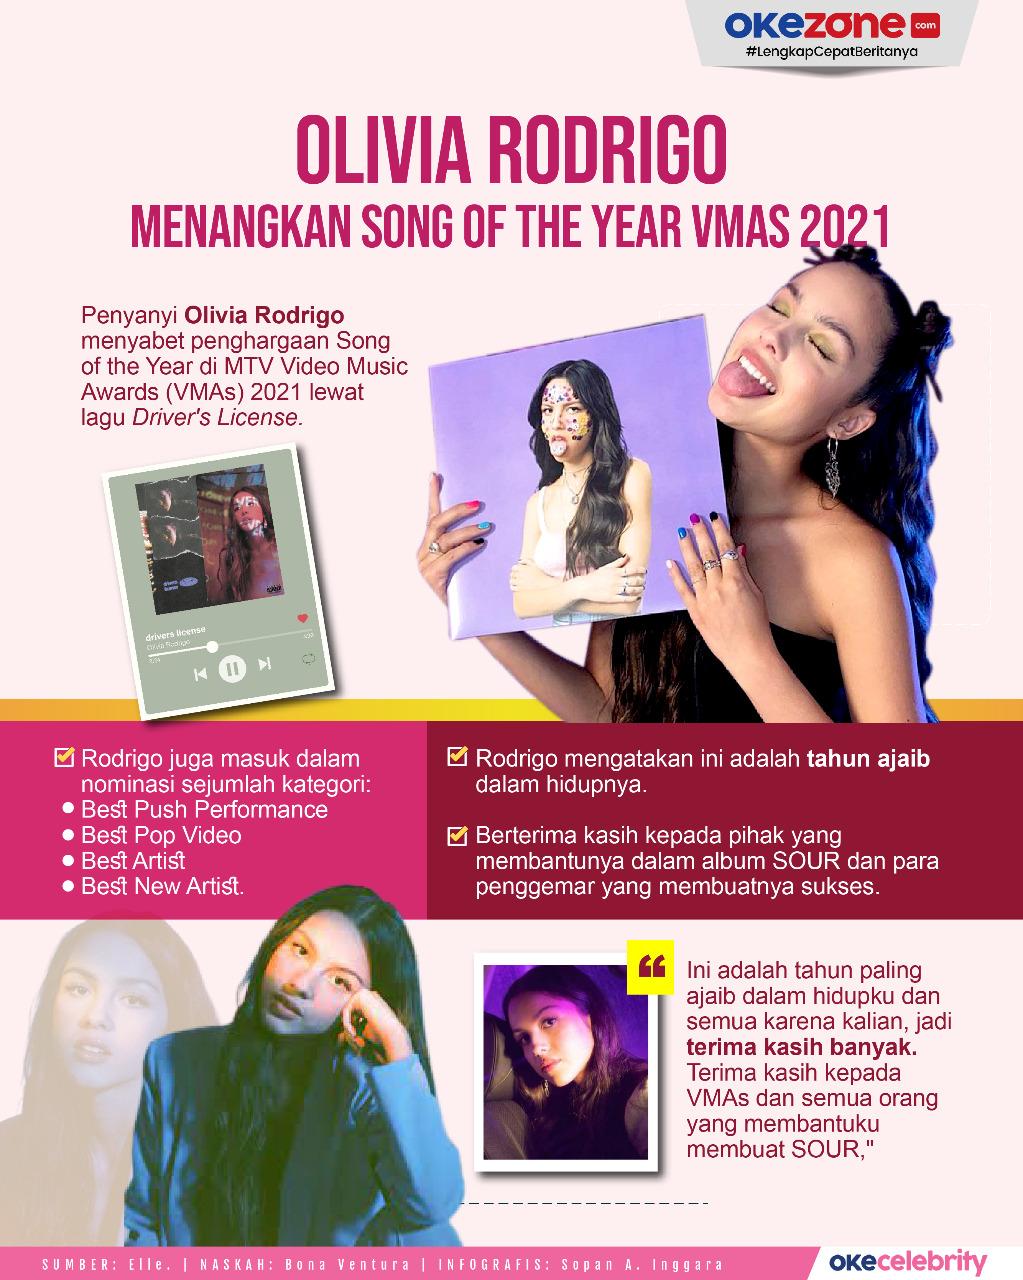 Olivia Rodrigo, Menangkan Song of The Year VMAs 2021 -